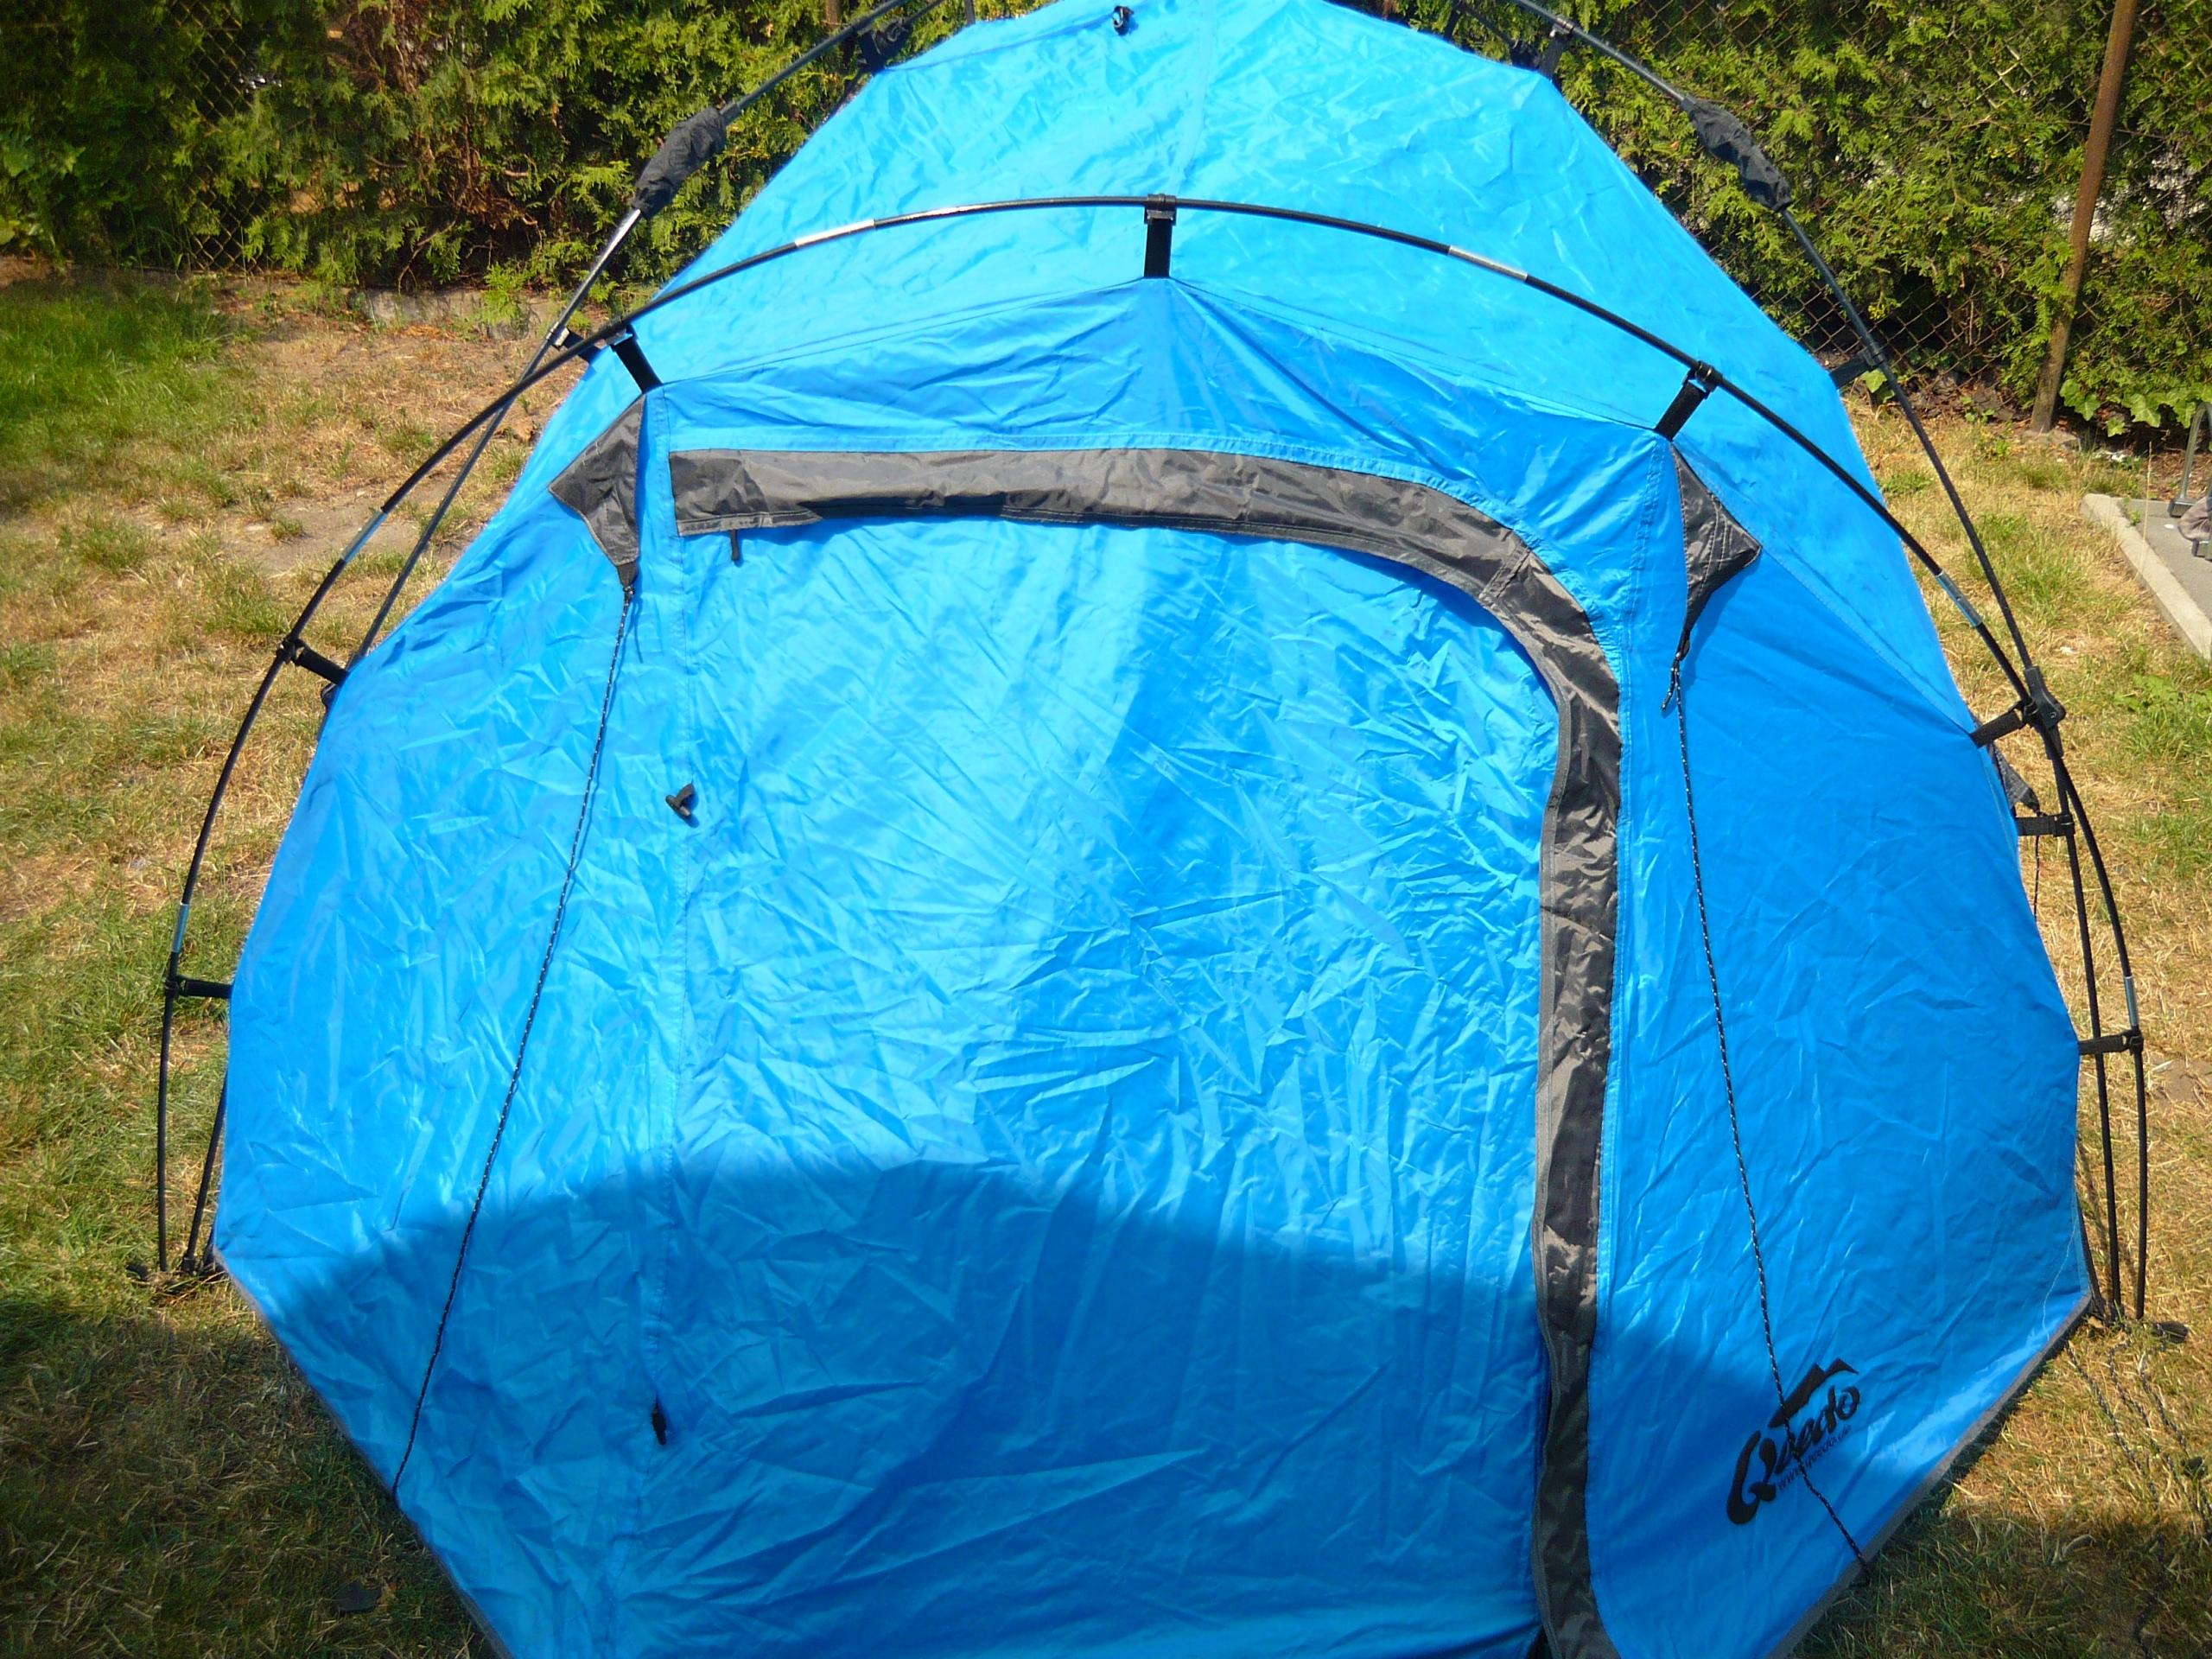 Namiot 3 osobowy qeedo quick oak 3 szybkorozkładany (nie